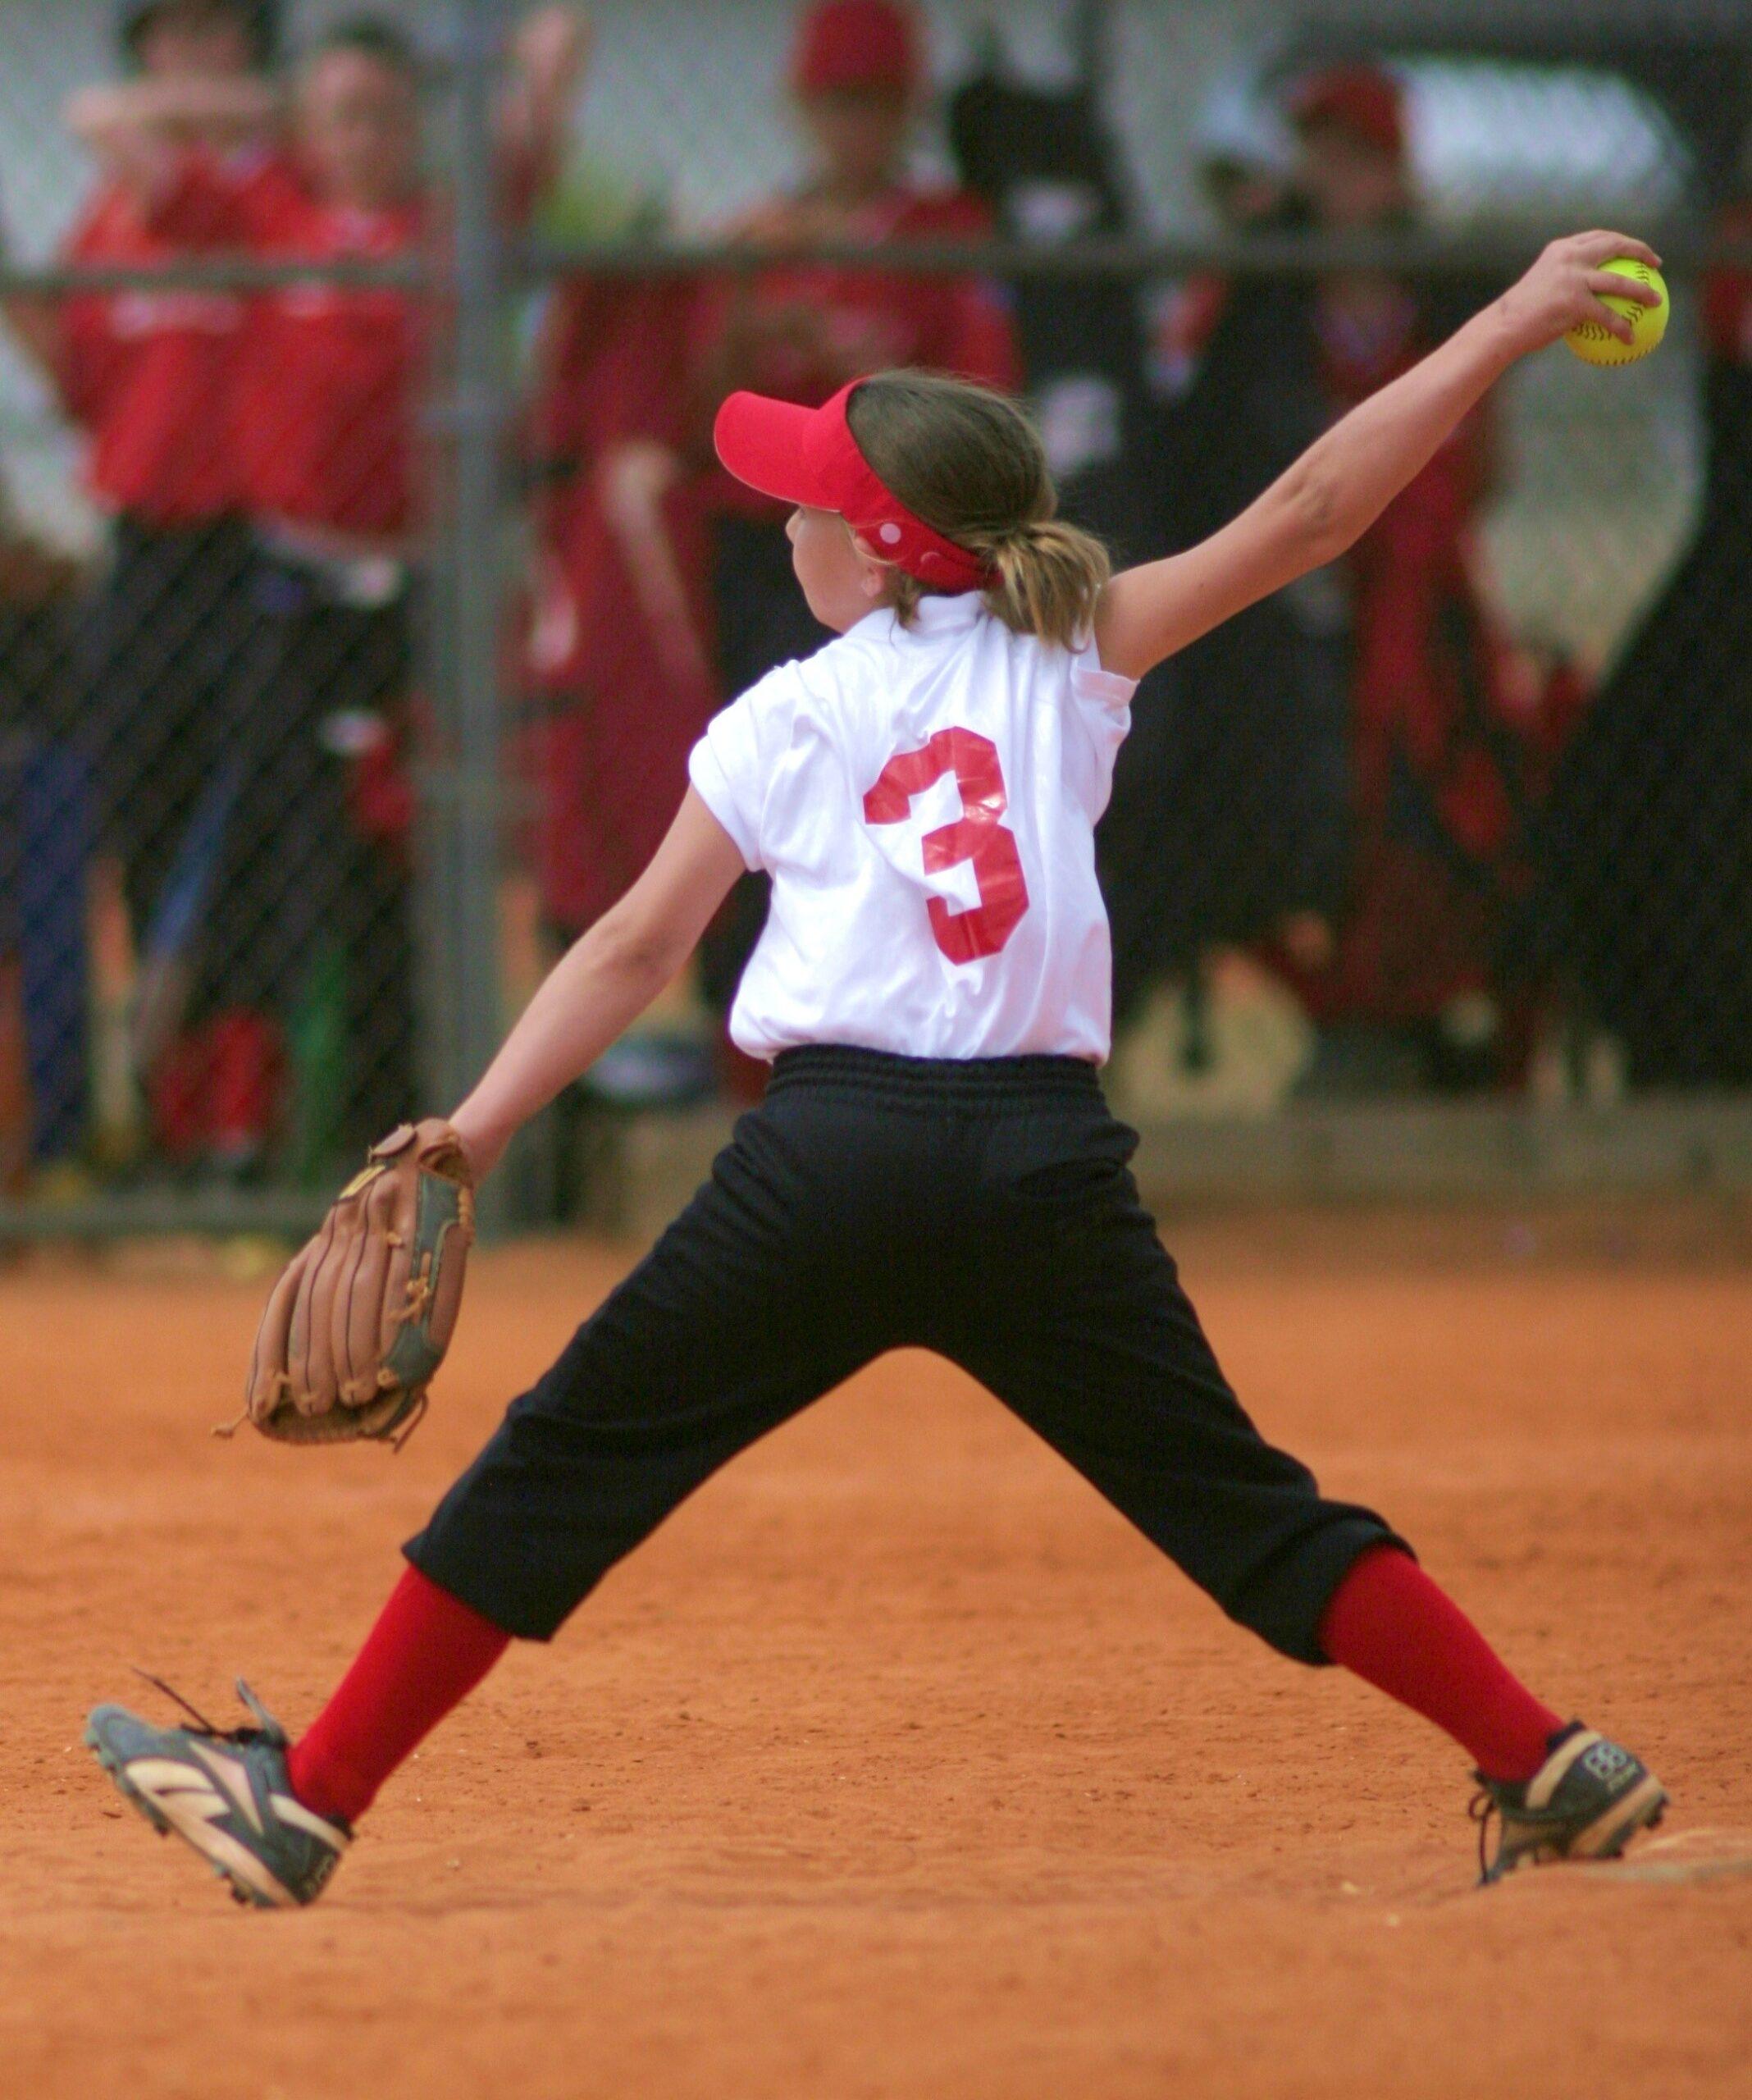 young girl pitching softball